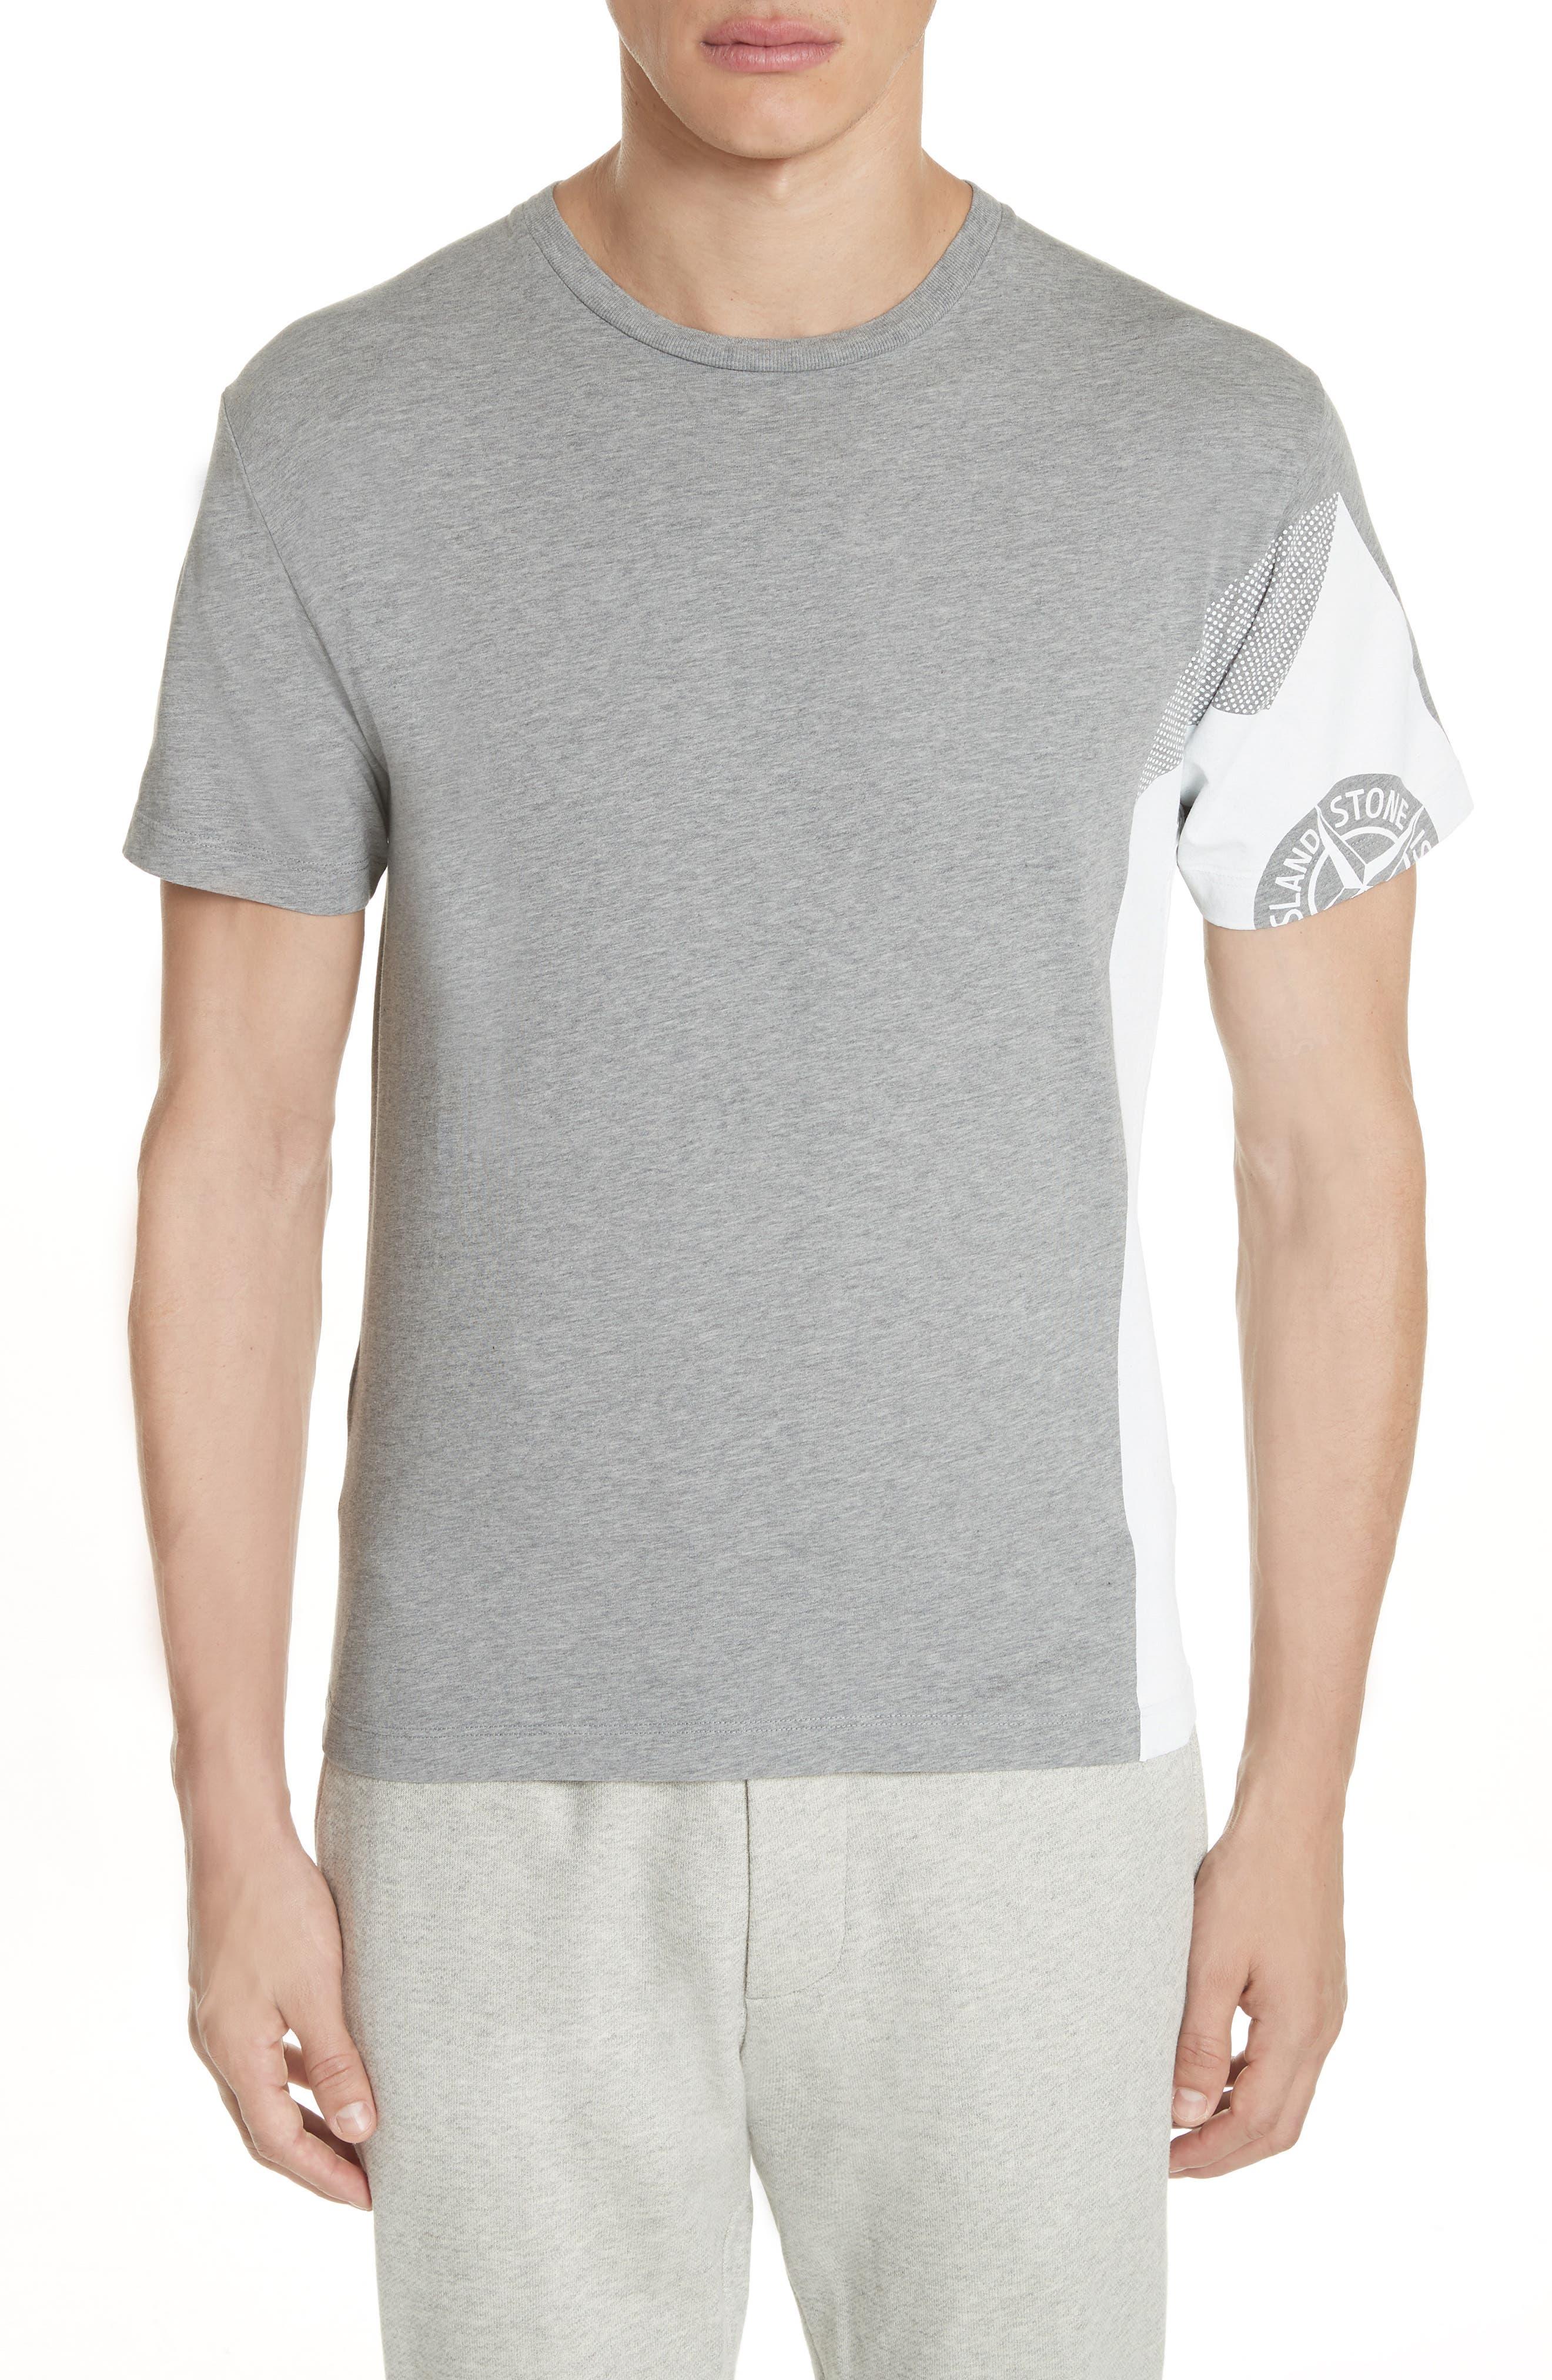 Main Image - Stone Island Graphic T-Shirt